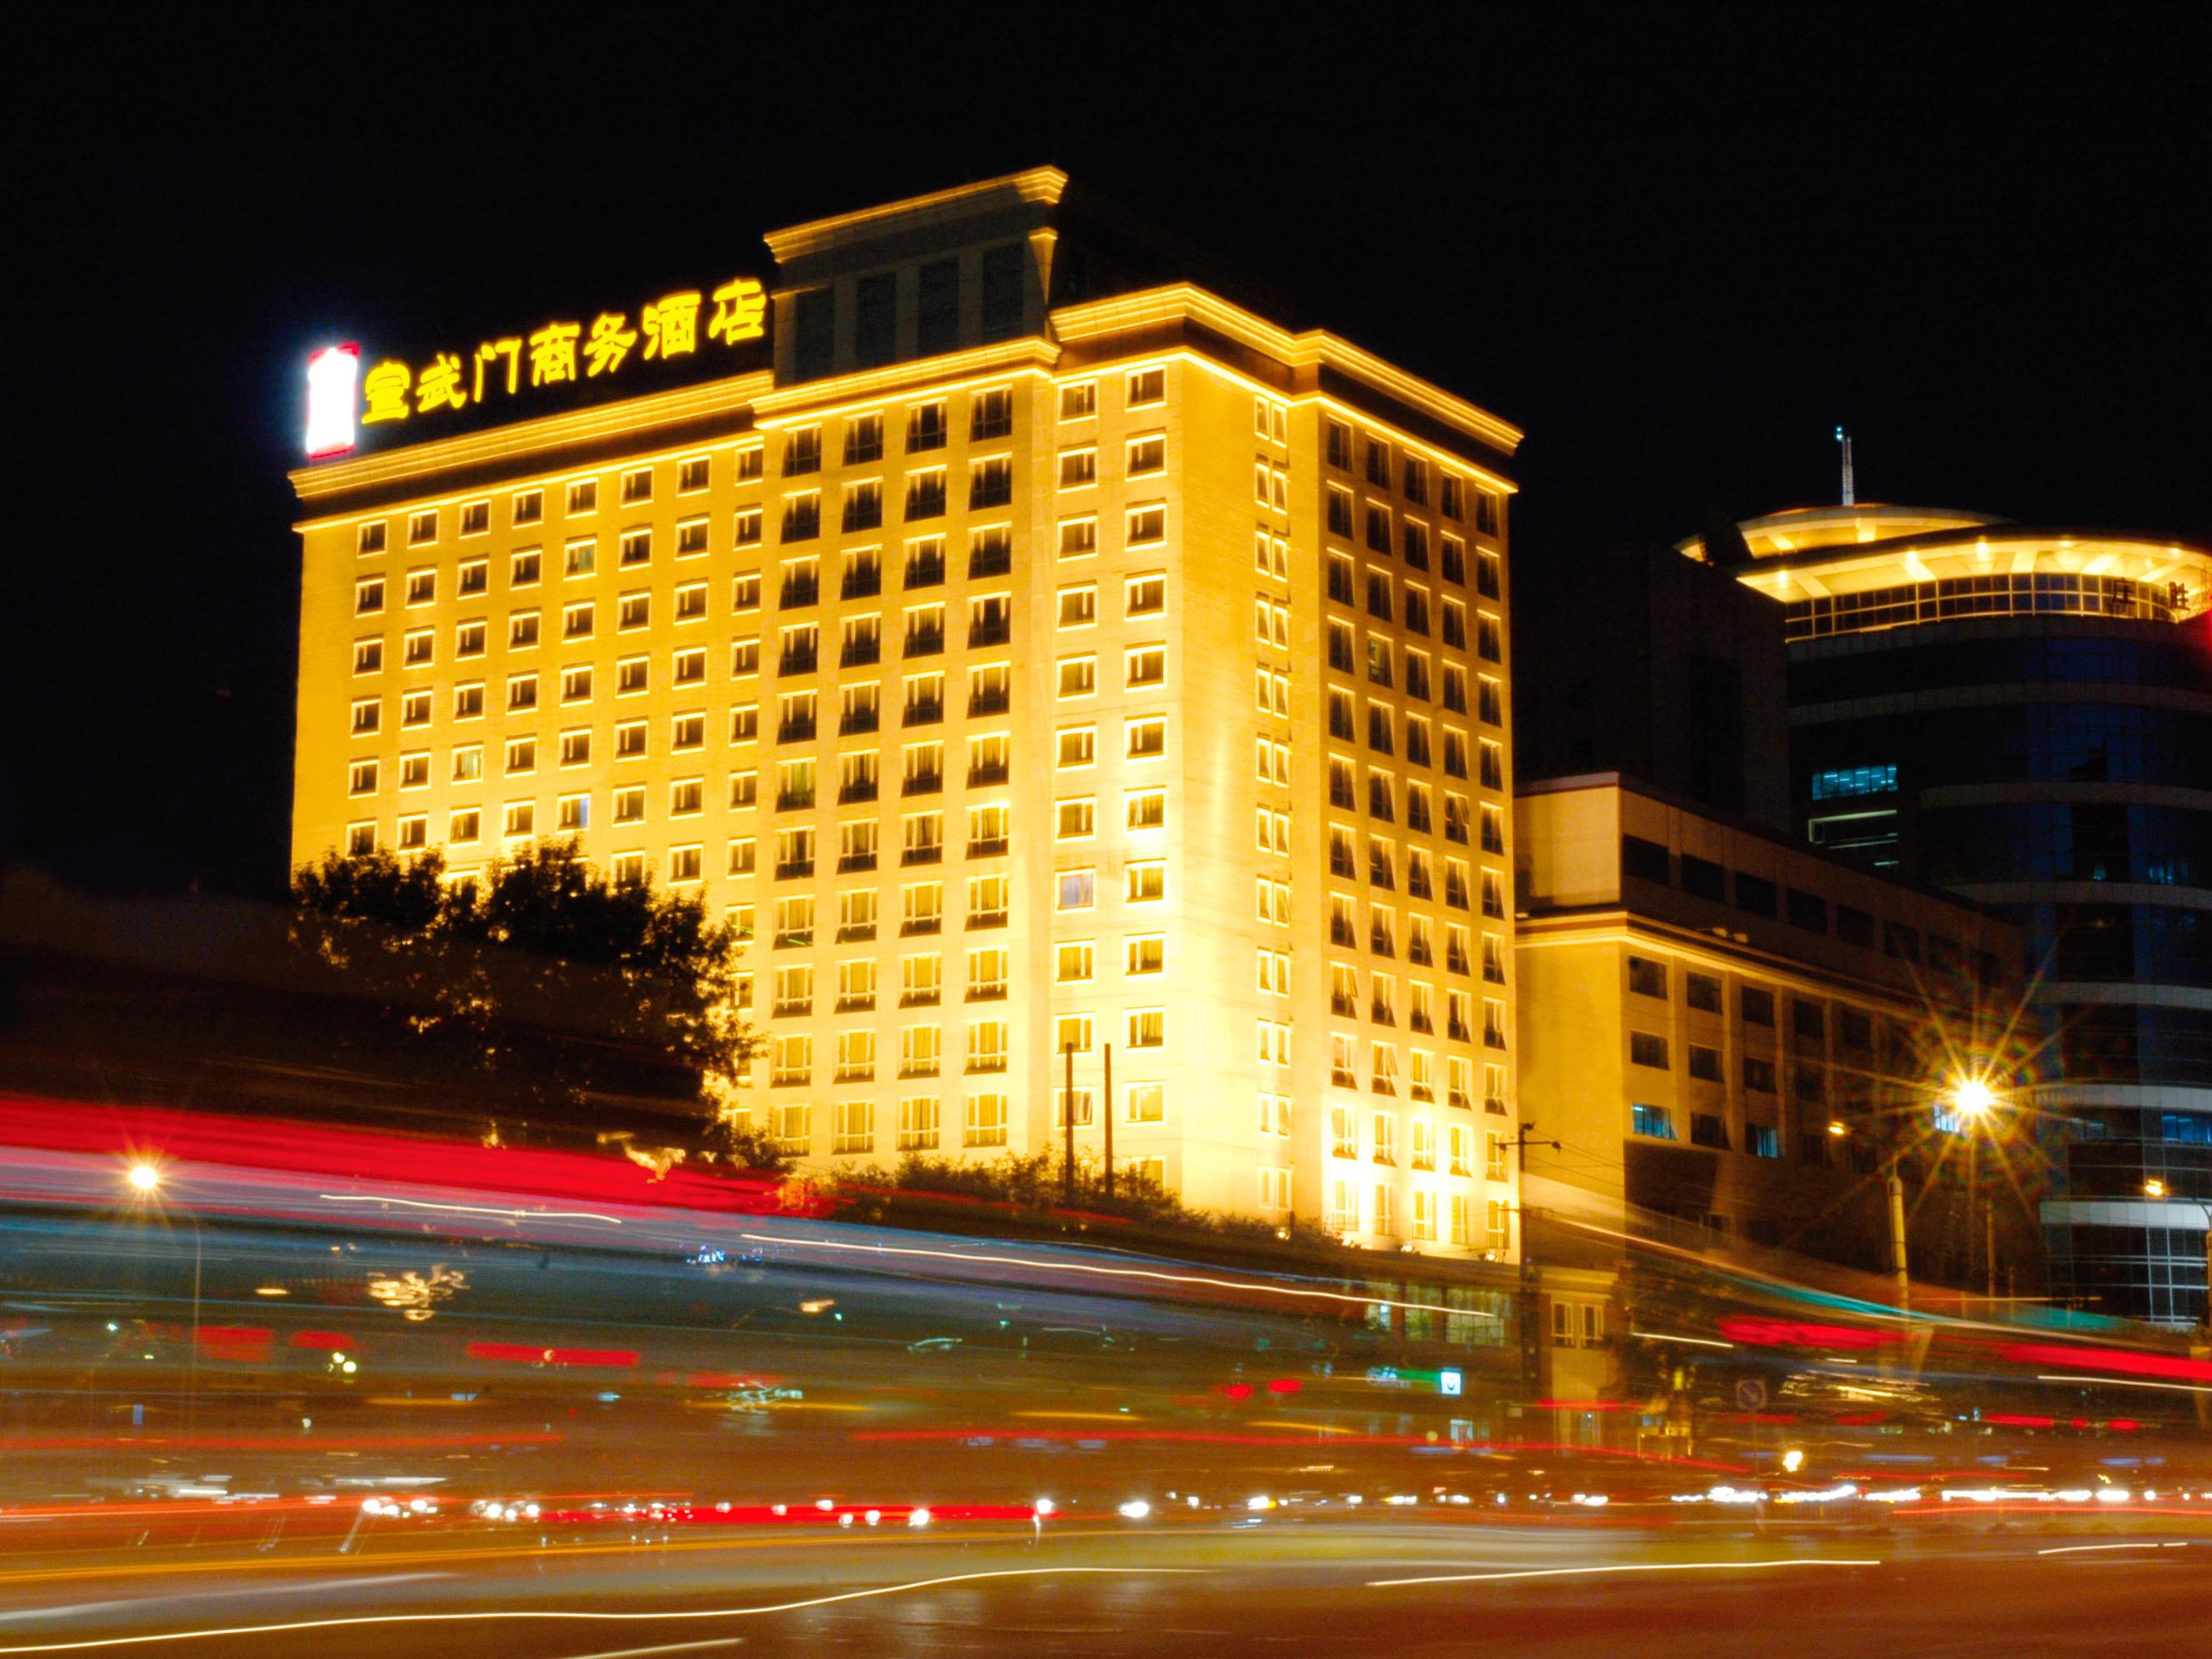 北京宣武门商务酒店预订价格,联系电话位置地址